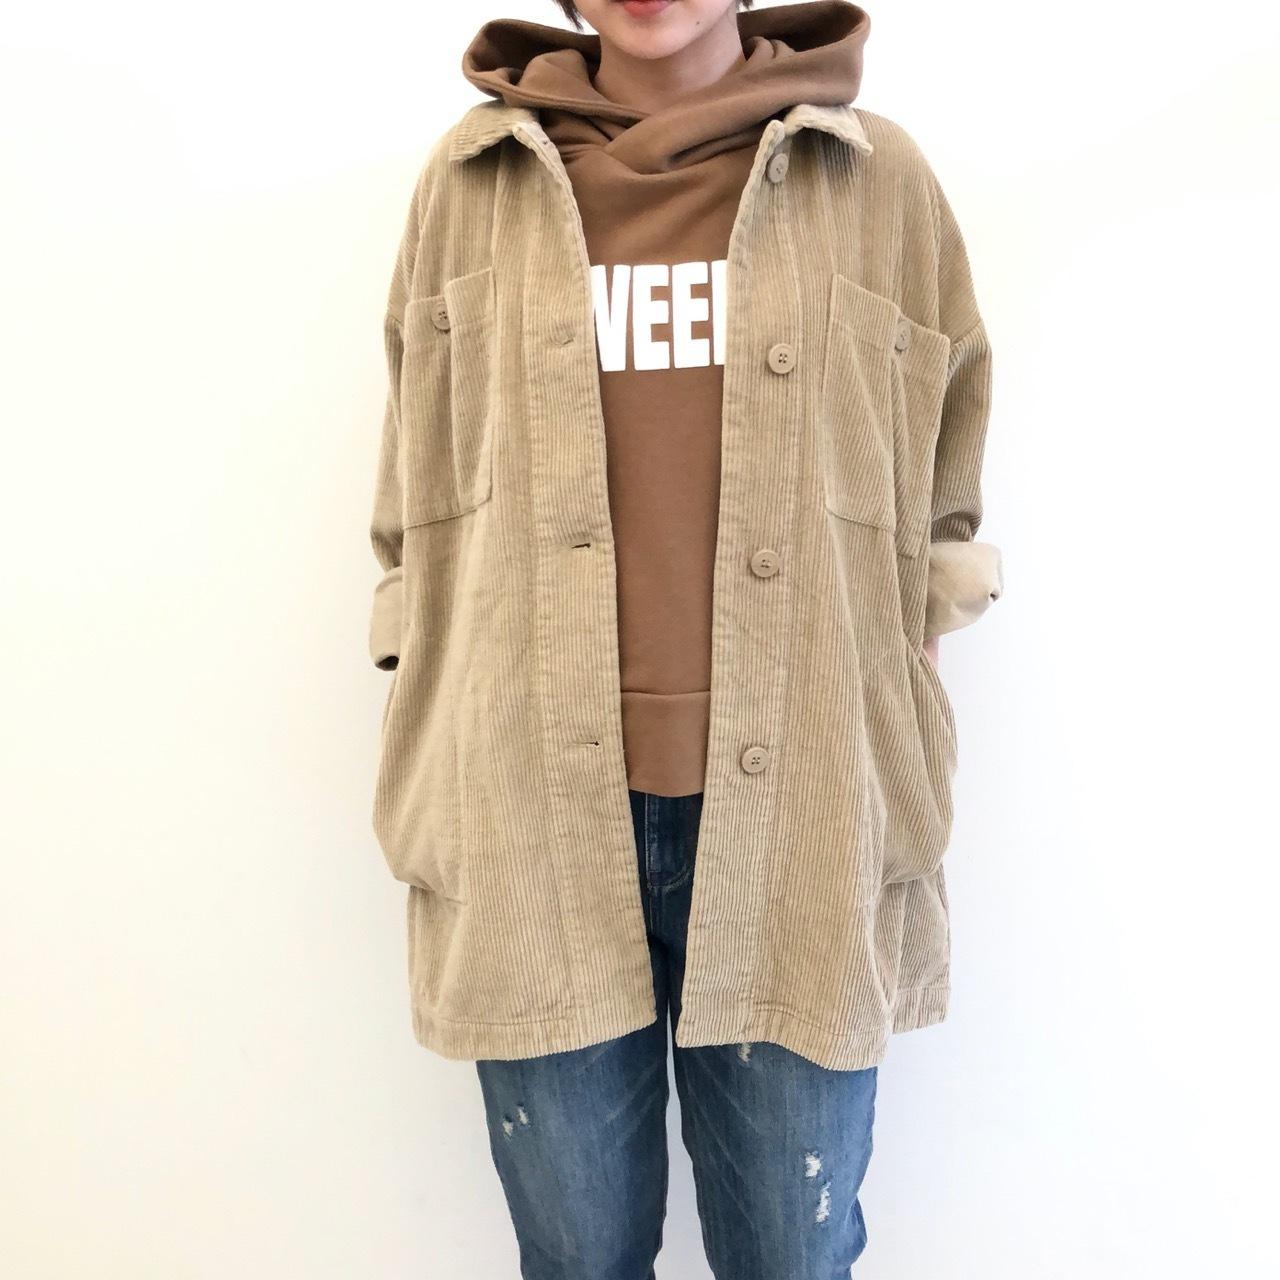 【 Days 】- 199-2028 - コーデュロイシャツジャケット